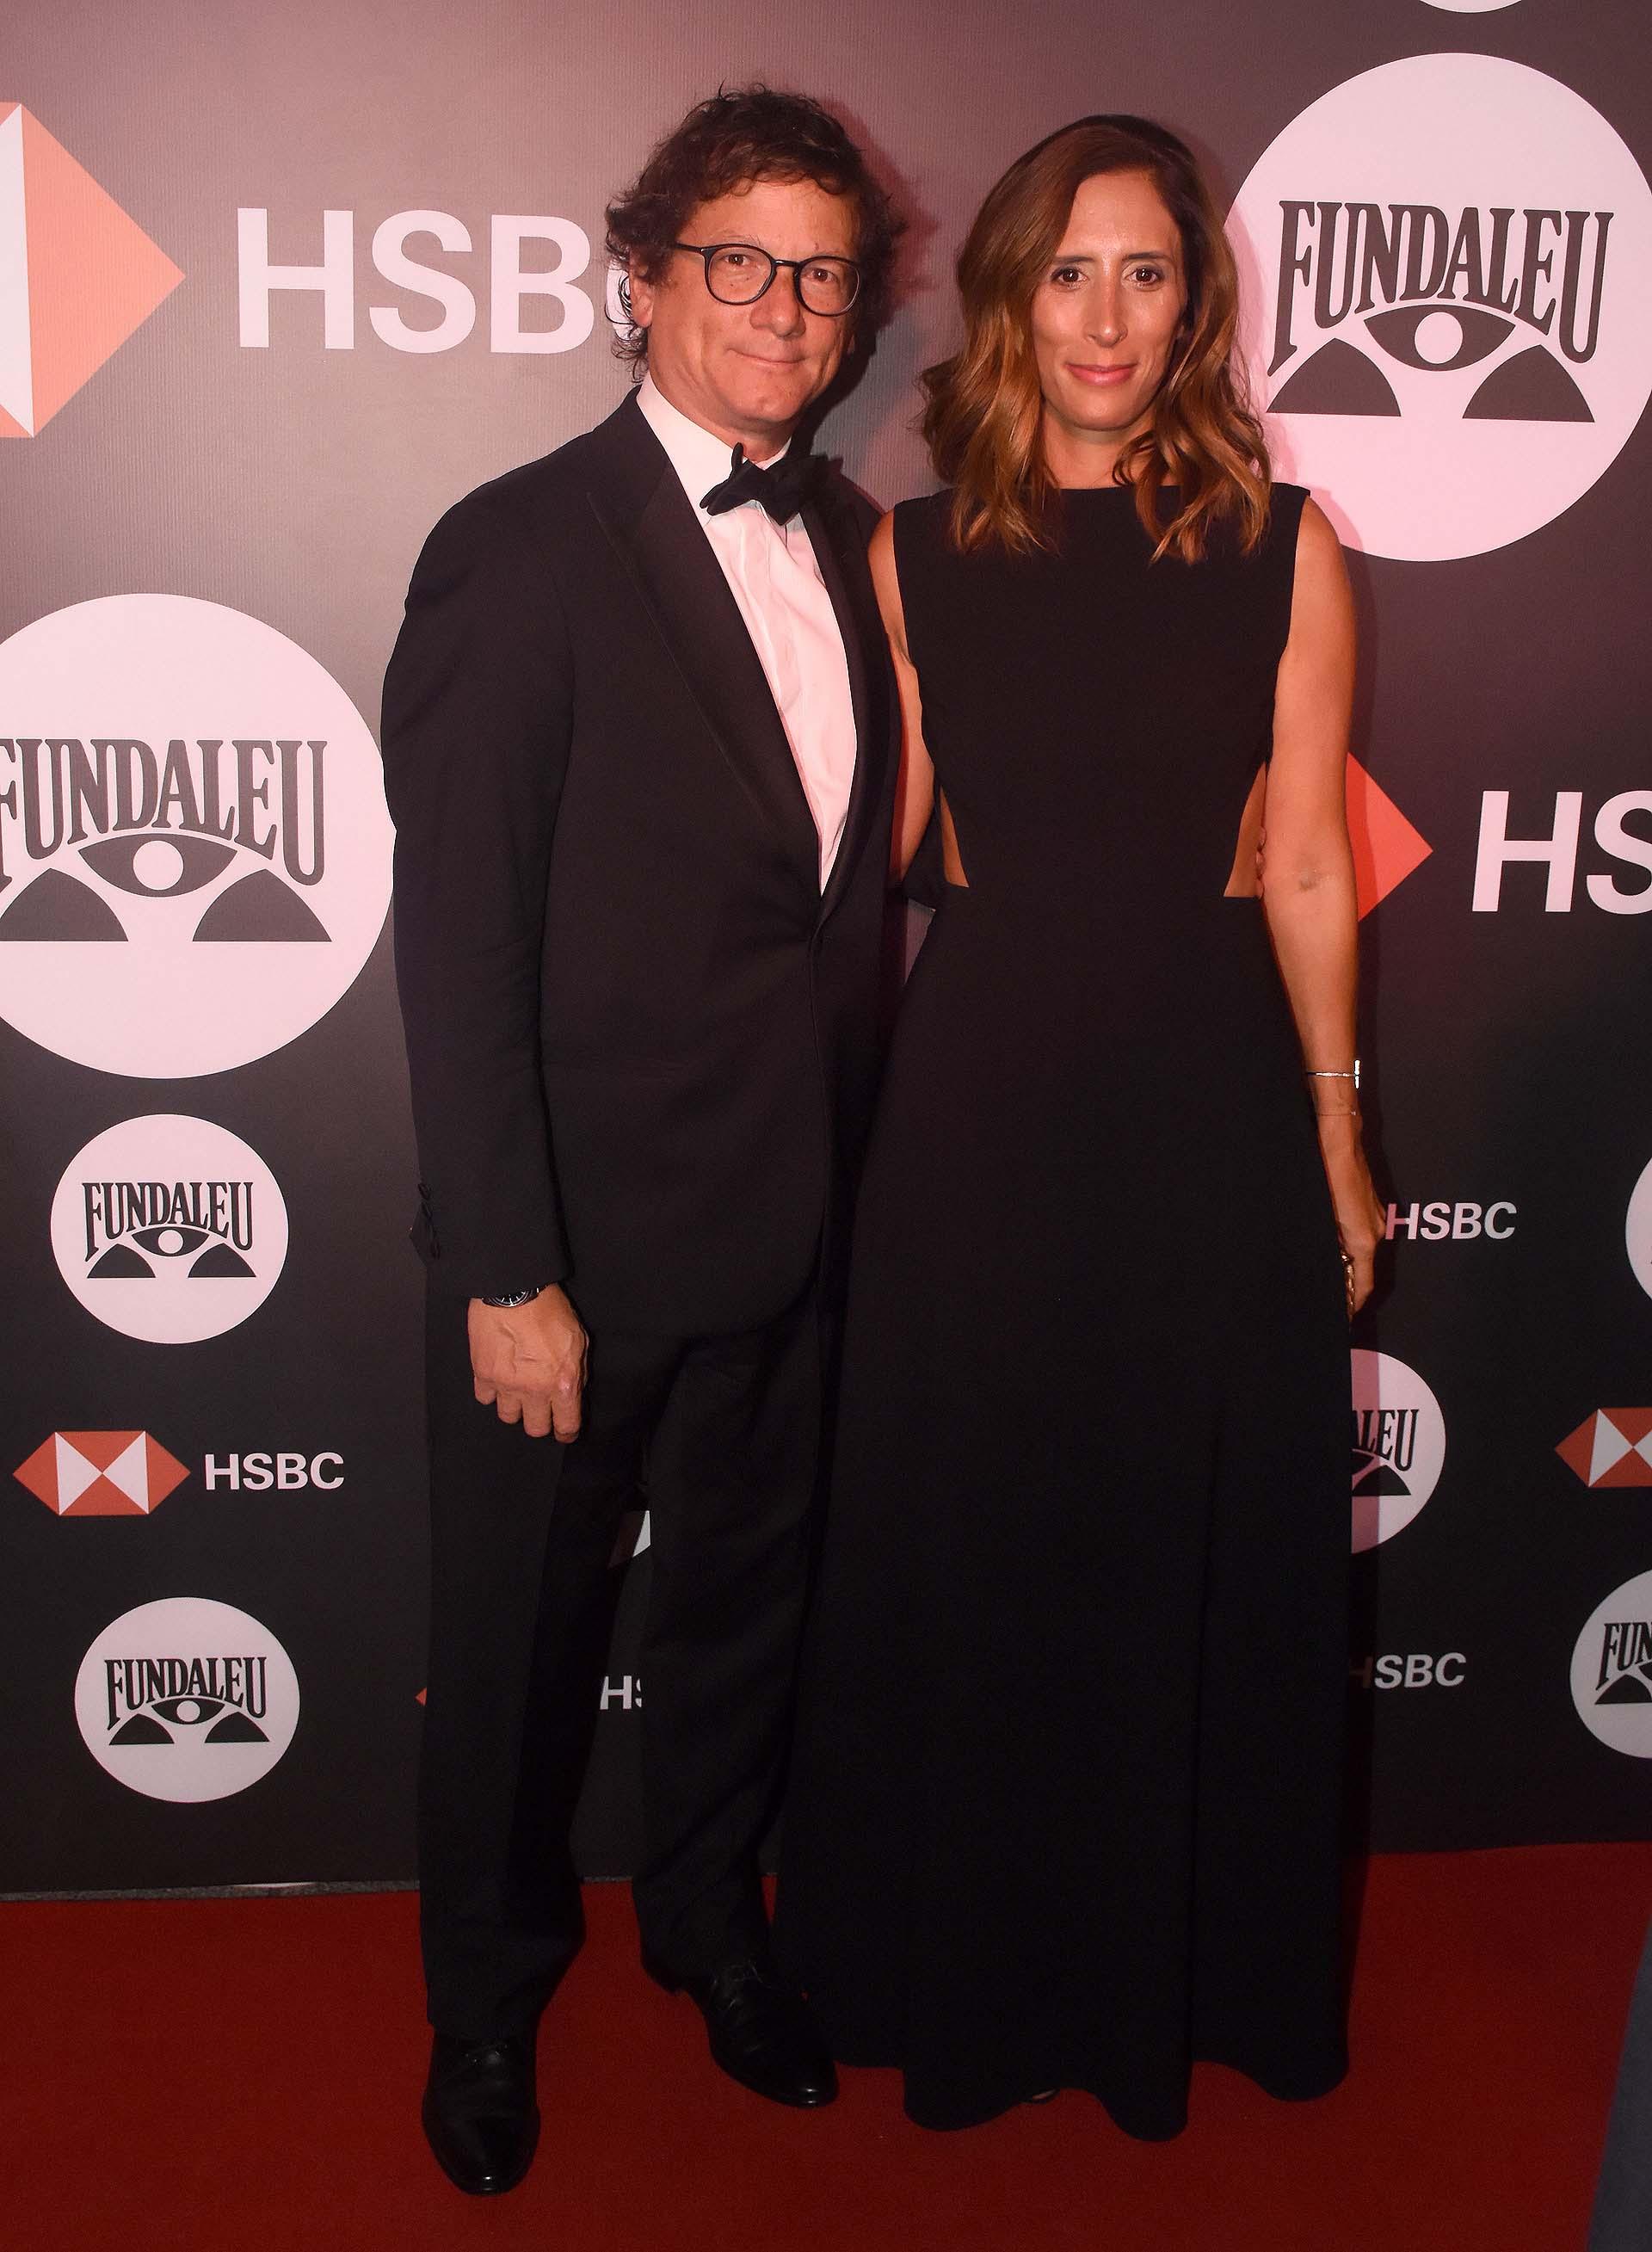 El presidente de HSBC, Gabriel Martino, junto a su mujer